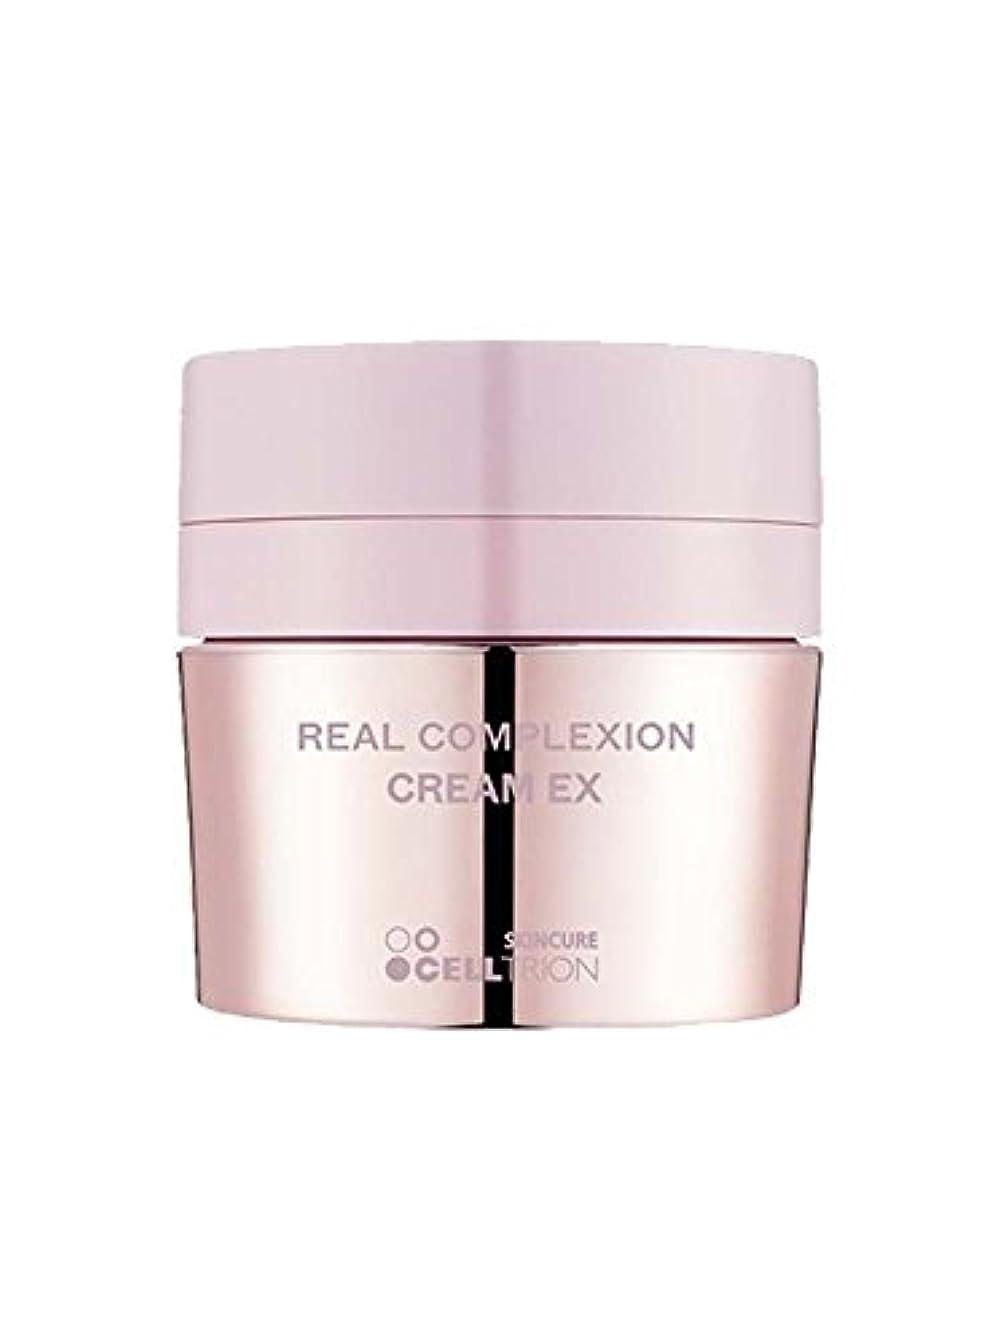 不和希少性ハッチHANSKIN Real Complexion cream EX 50ml/ハンスキン リアル コンプレクション クリーム EX 50ml [並行輸入品]